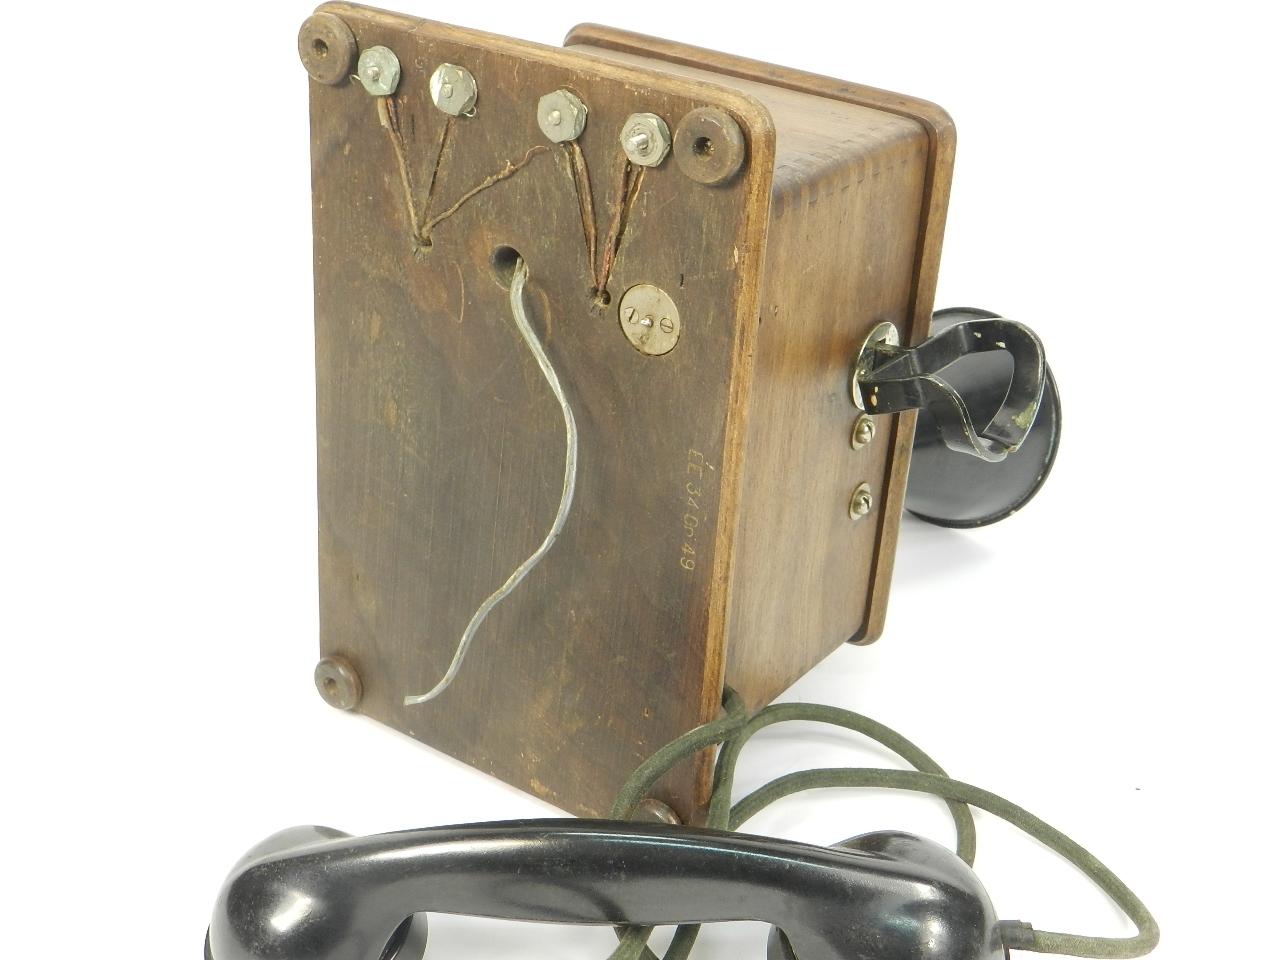 Imagen TELEFONO DE PARED AÑO 1930 41356